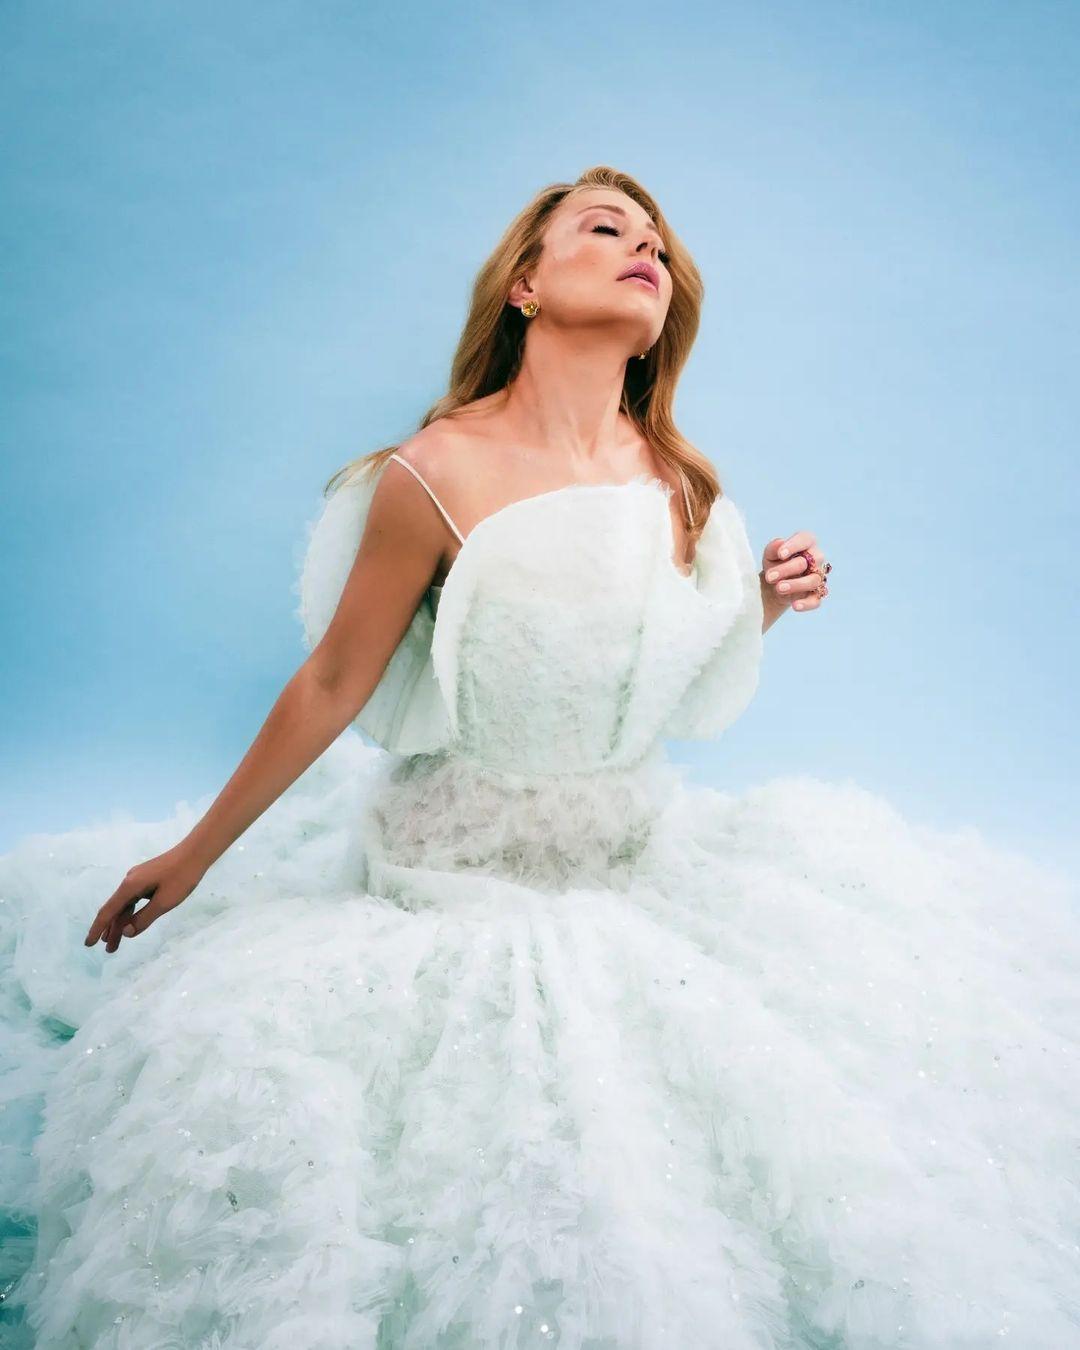 Принцесса из сказки: Тина Кароль заворожила роскошным концертным образом